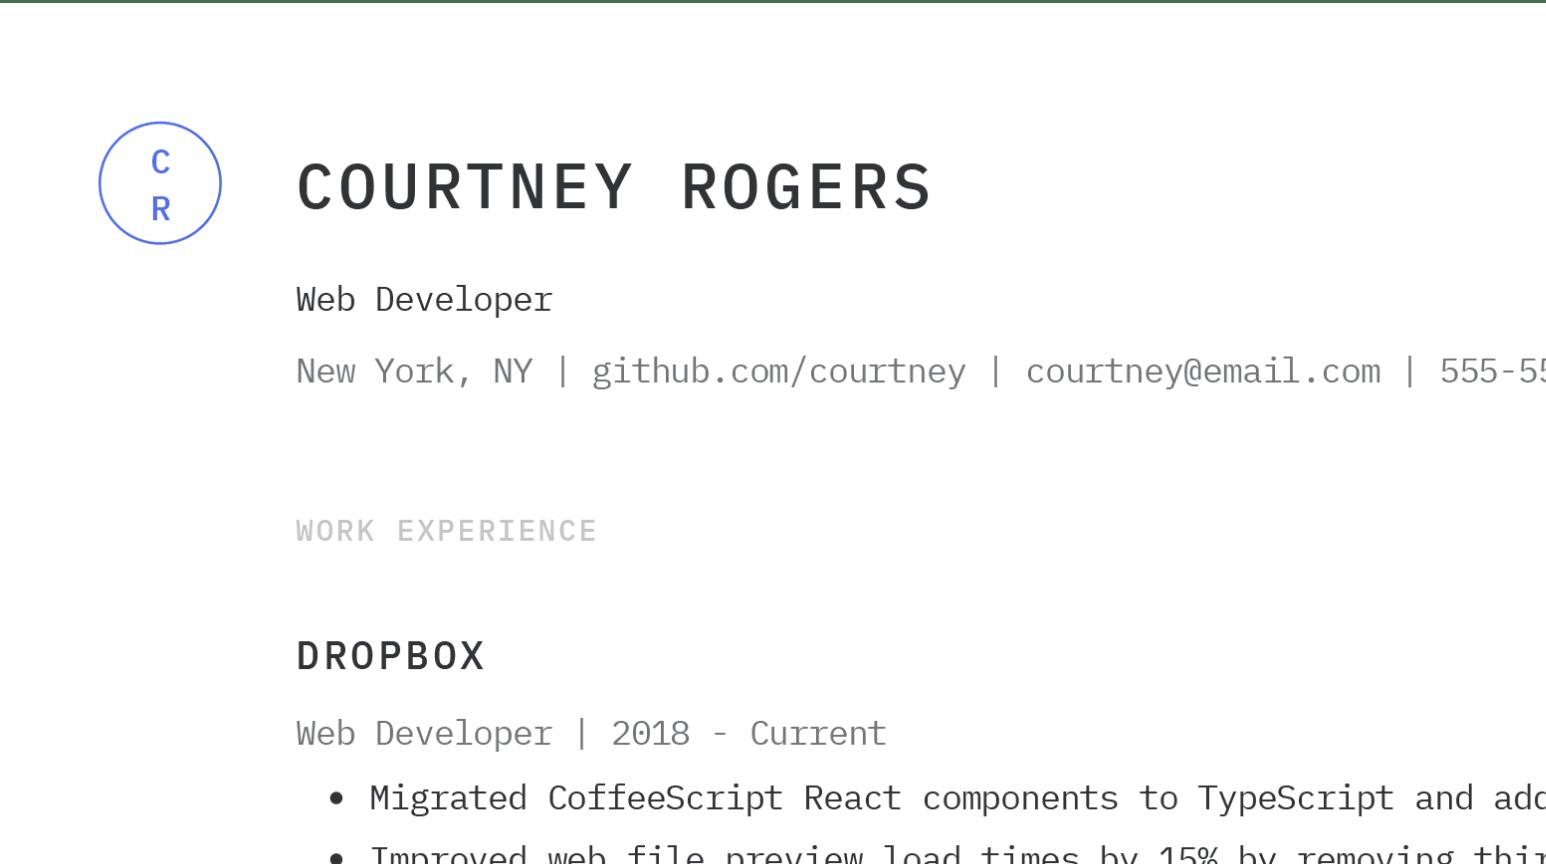 Design details of simple Web Developer resume sample.